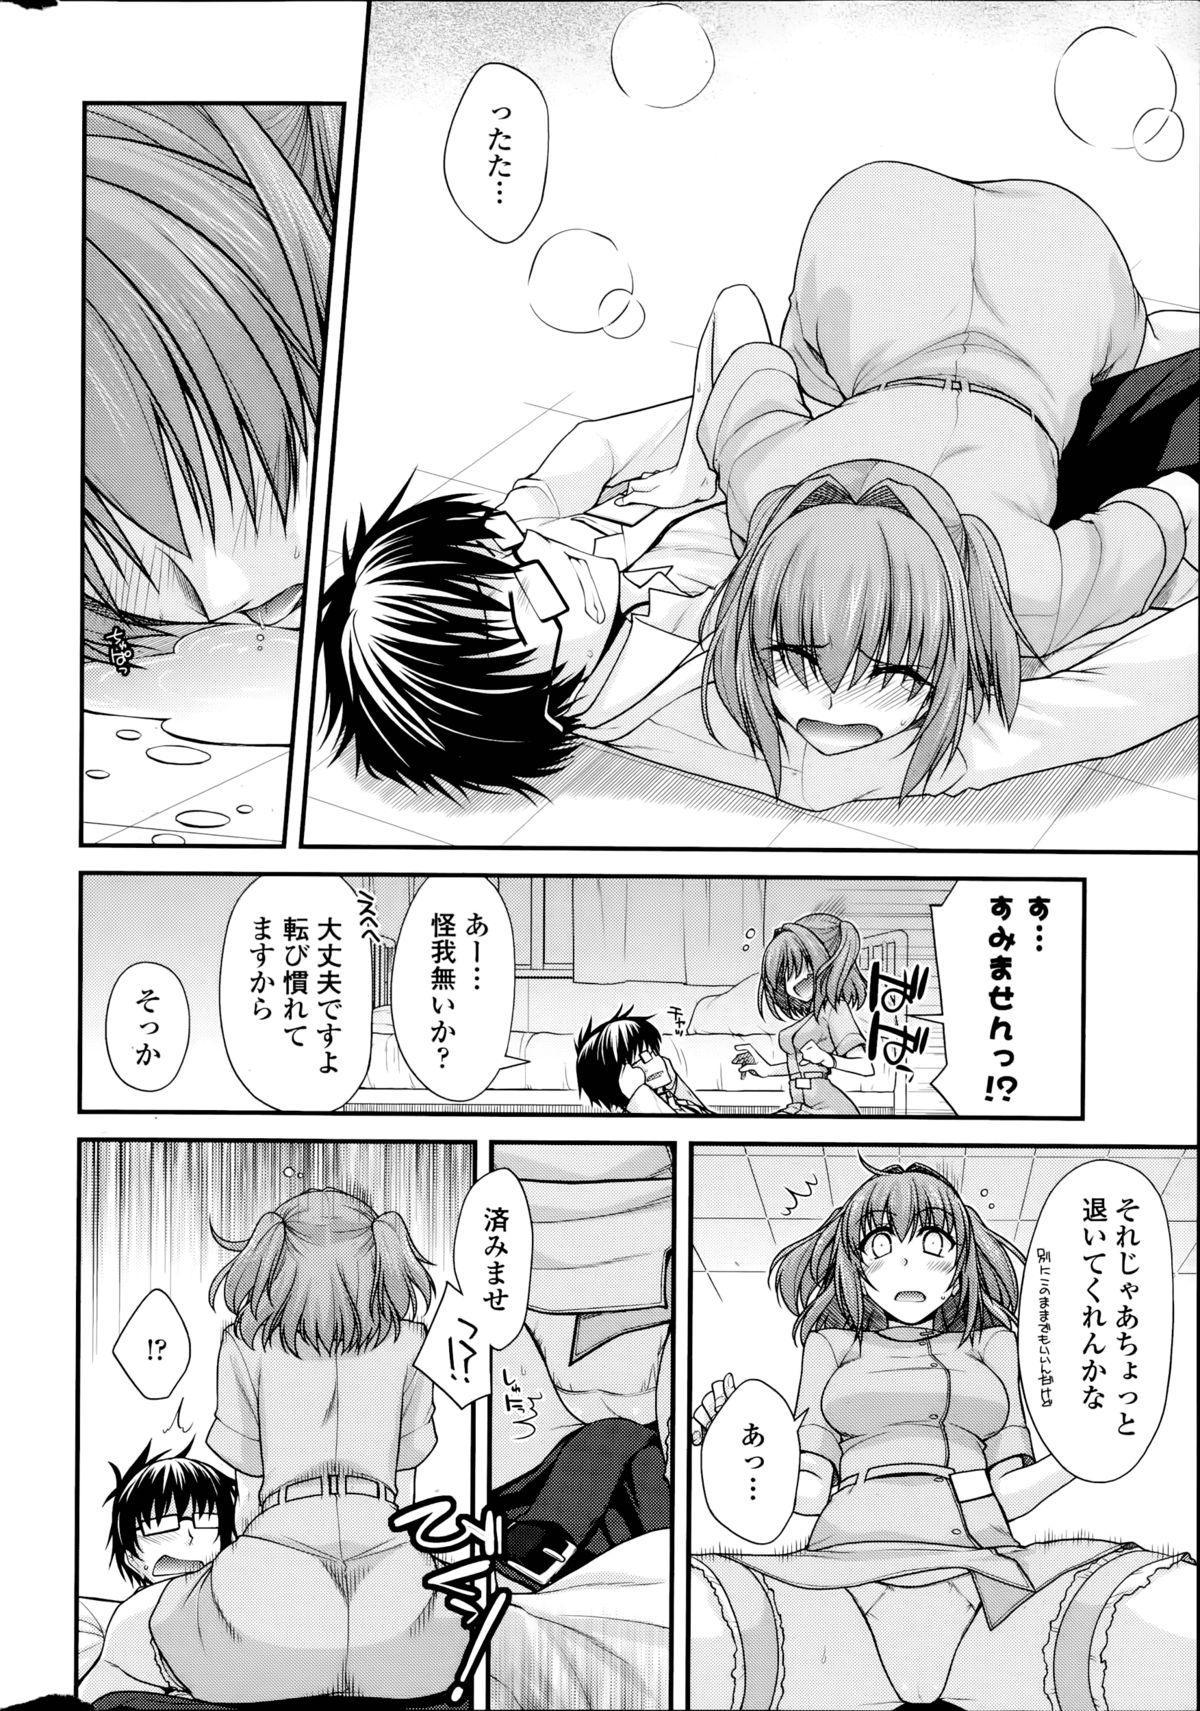 Yumemirukusuri Ch.1-3 7